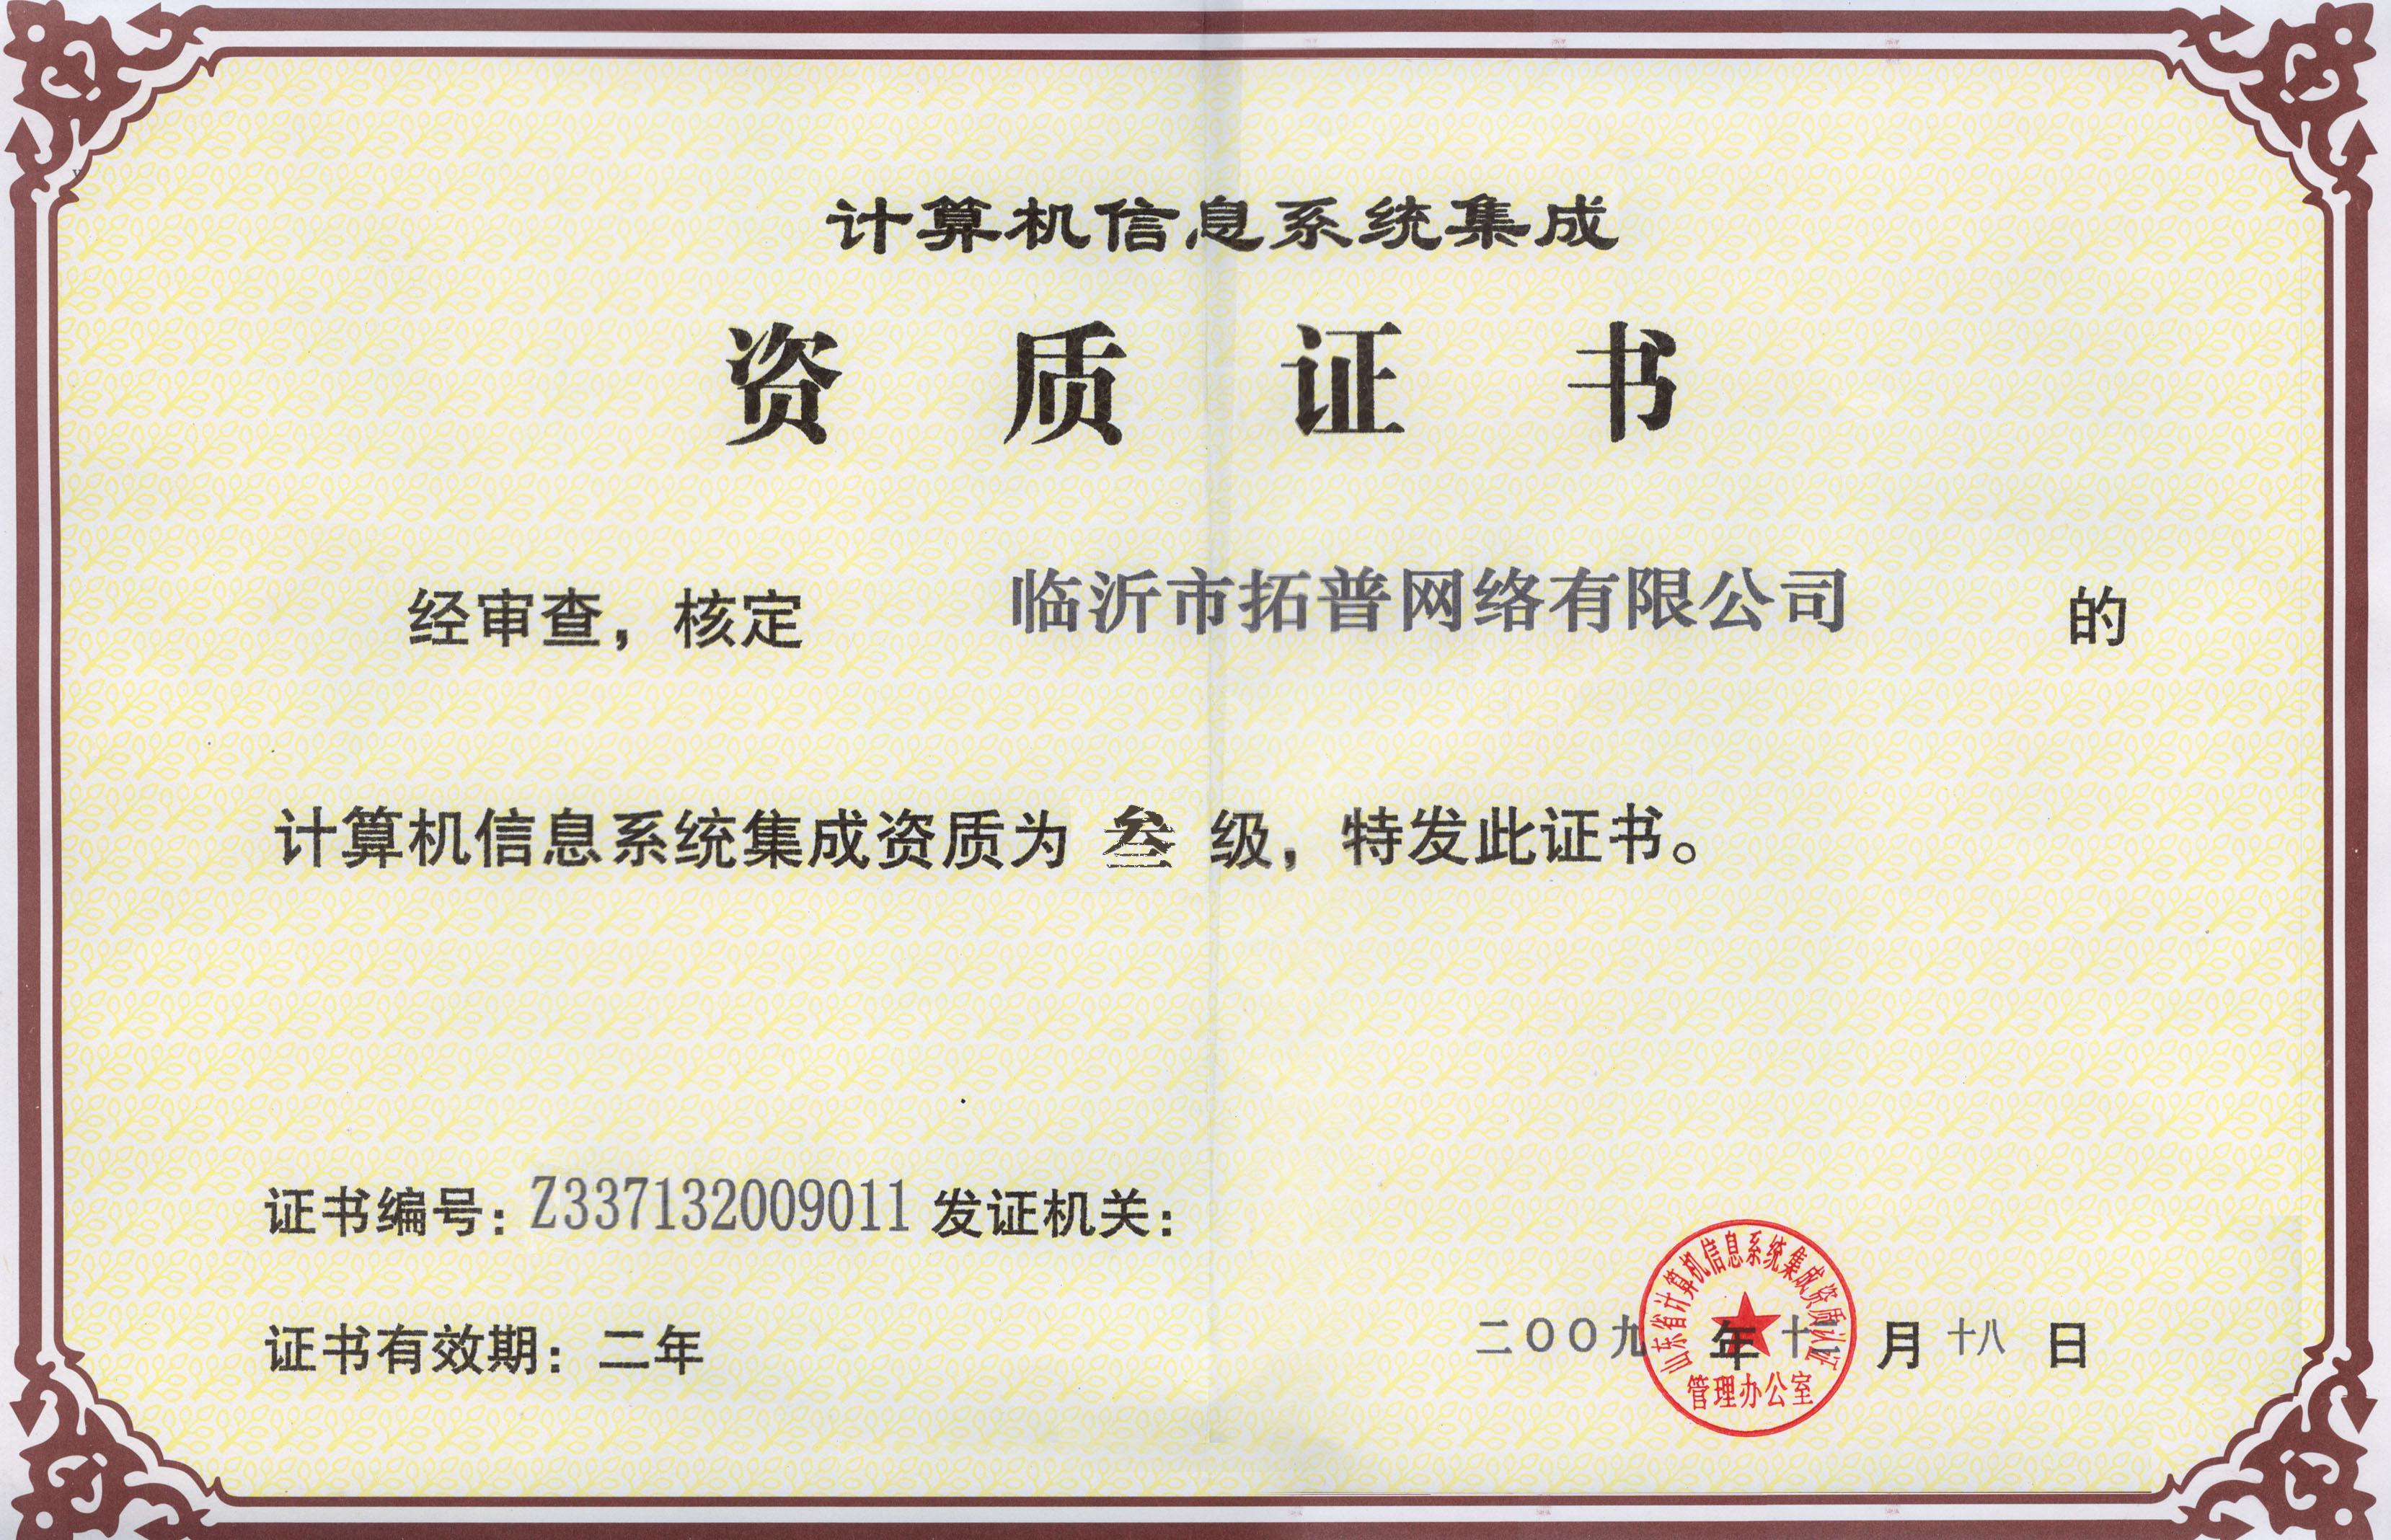 主题:计算机信息系统集成资质证书 日期:2015-09-22